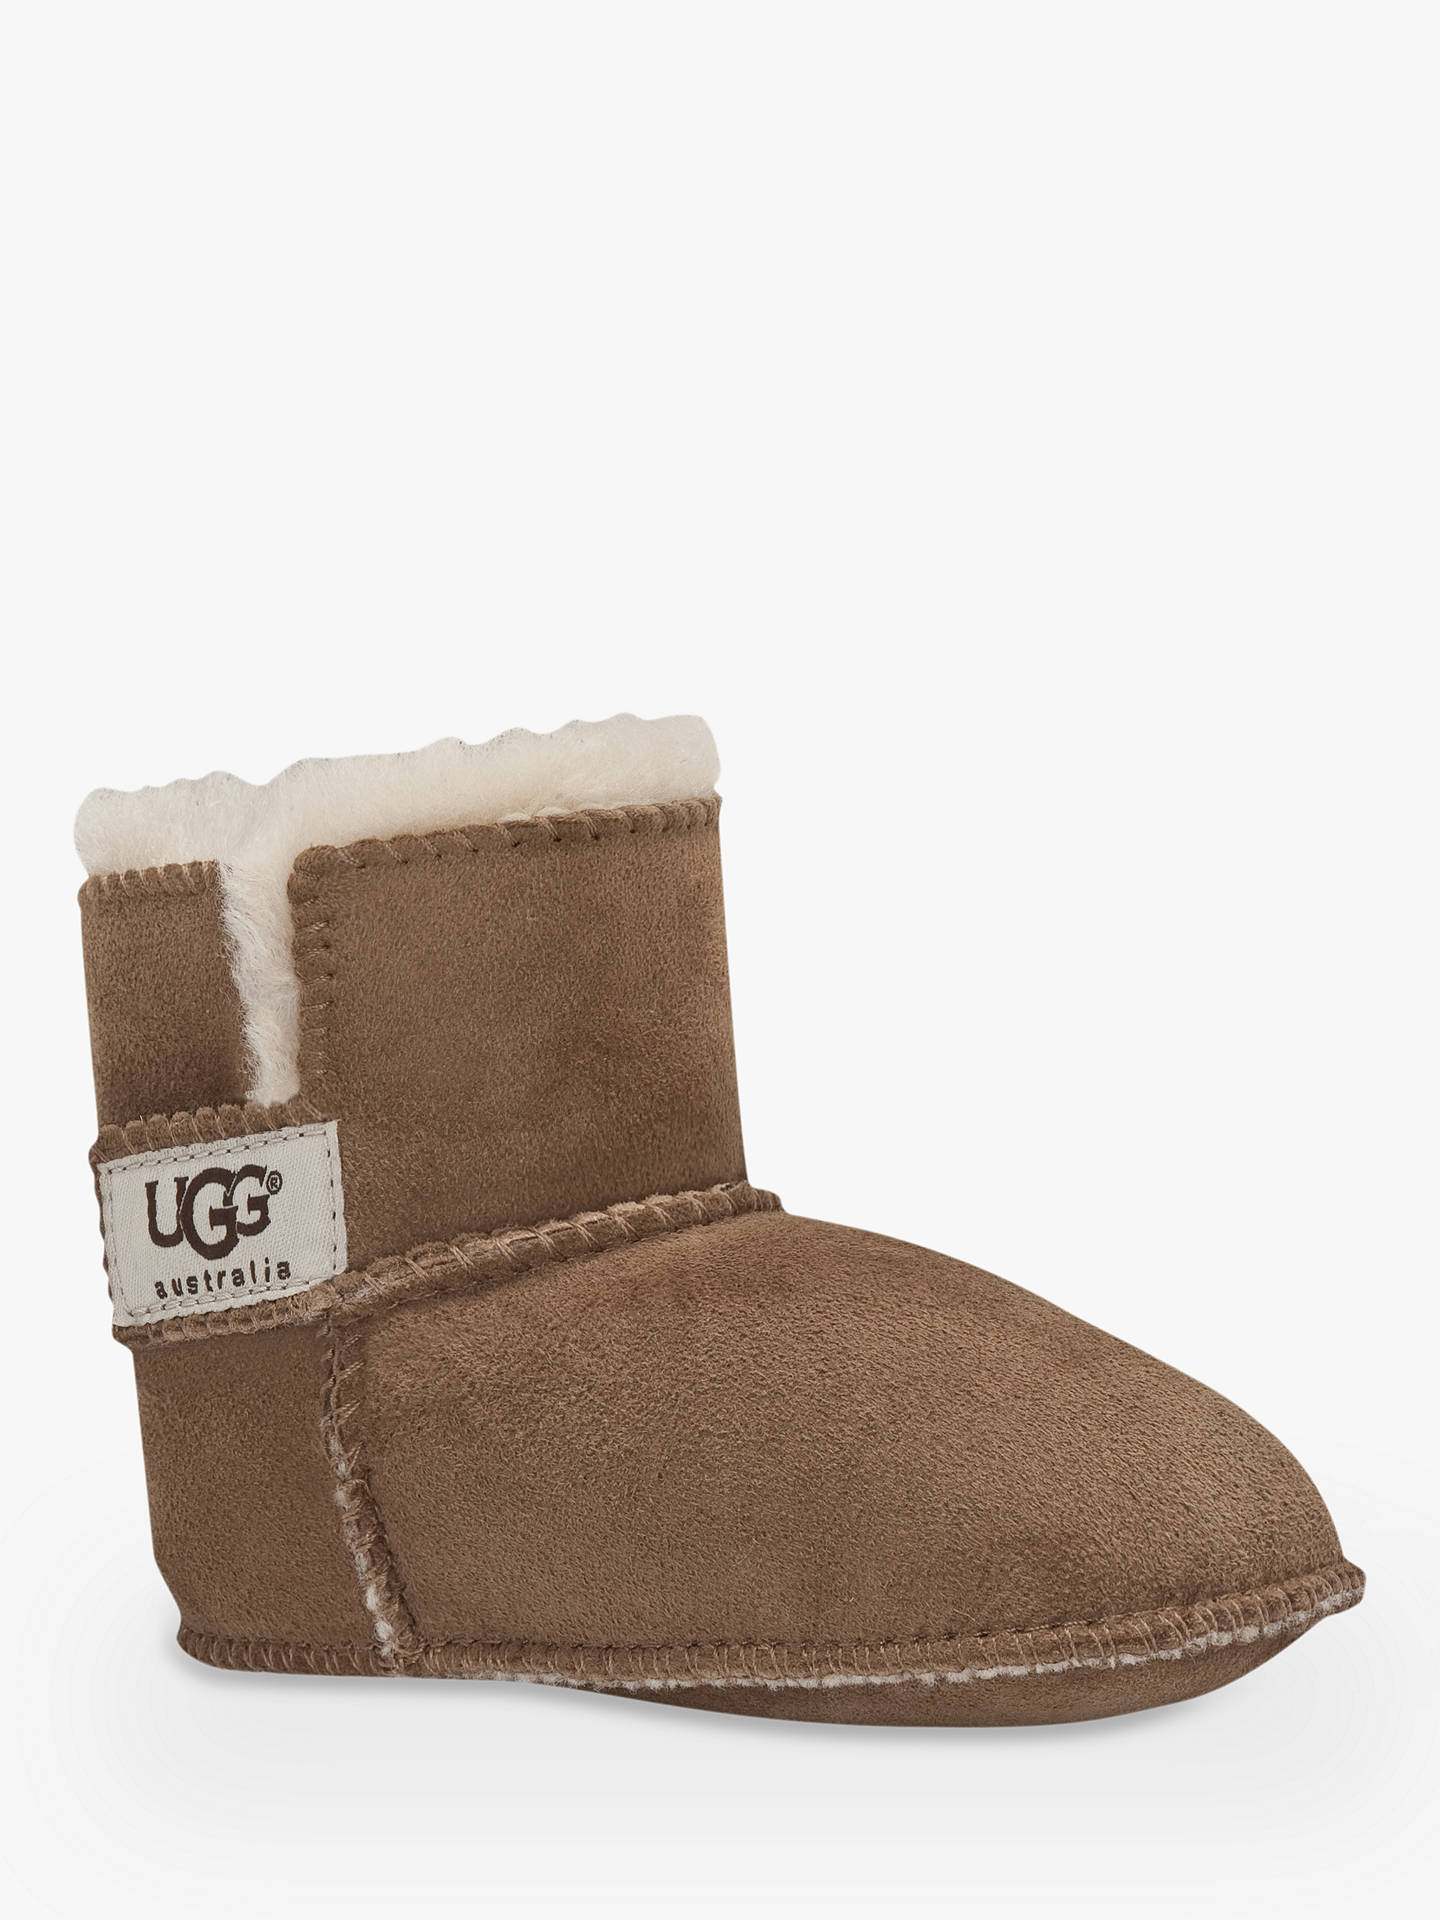 a96b7840127 UGG Children's Erin Boots, Chestnut